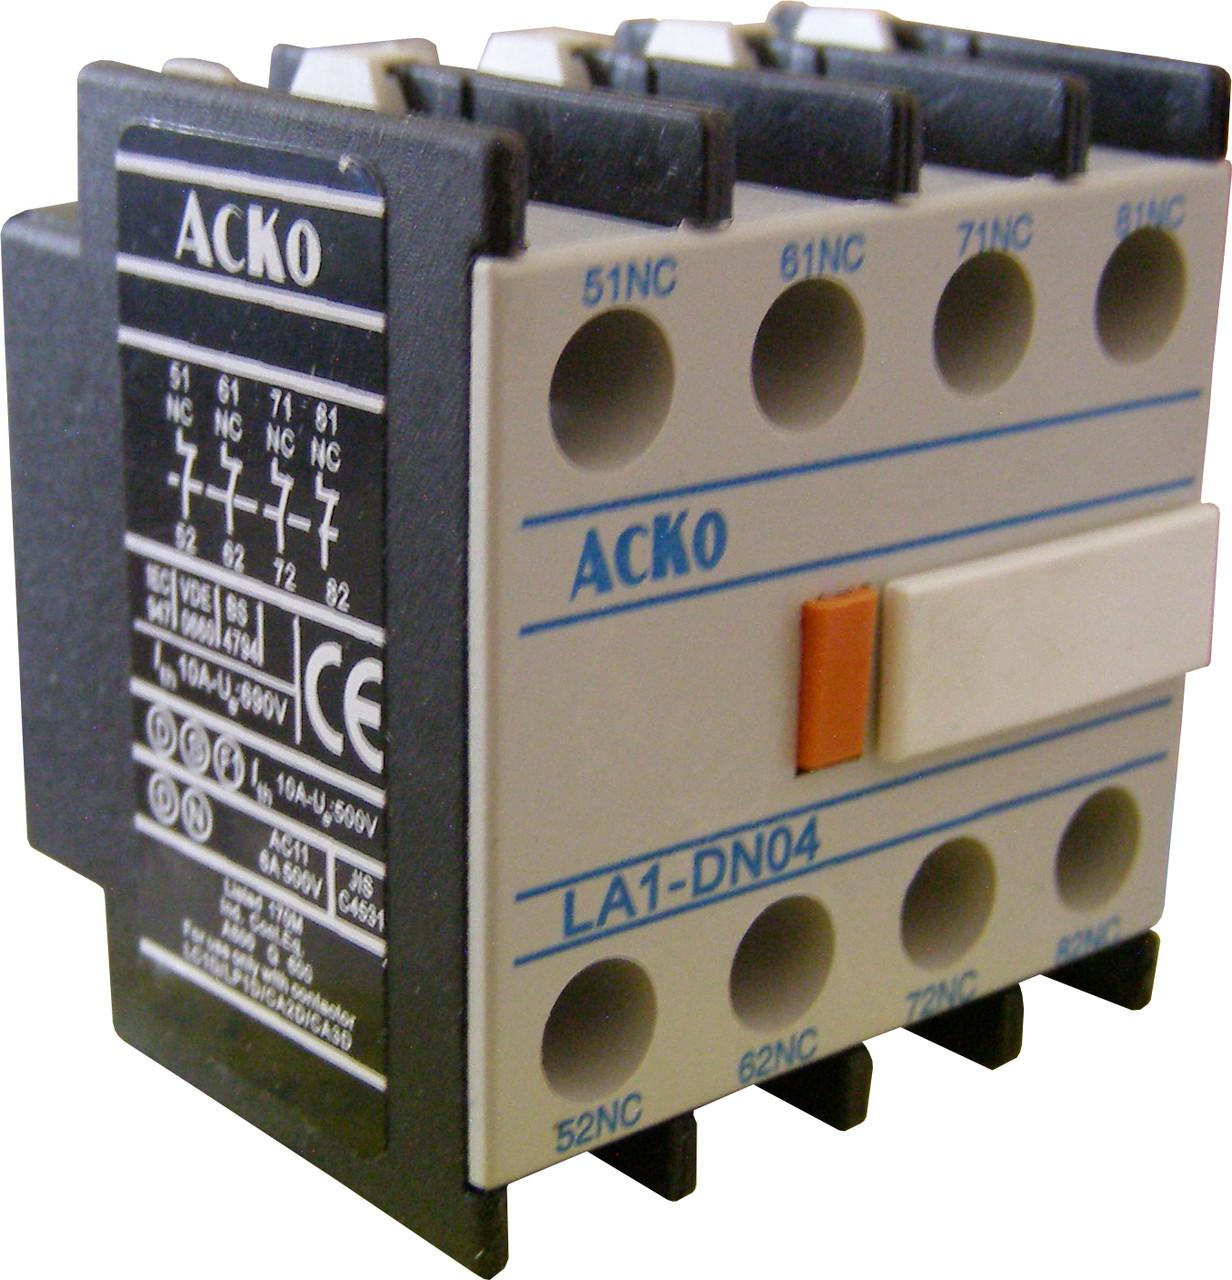 Дополнительный контакт ДК-04 (LA1-DN04)